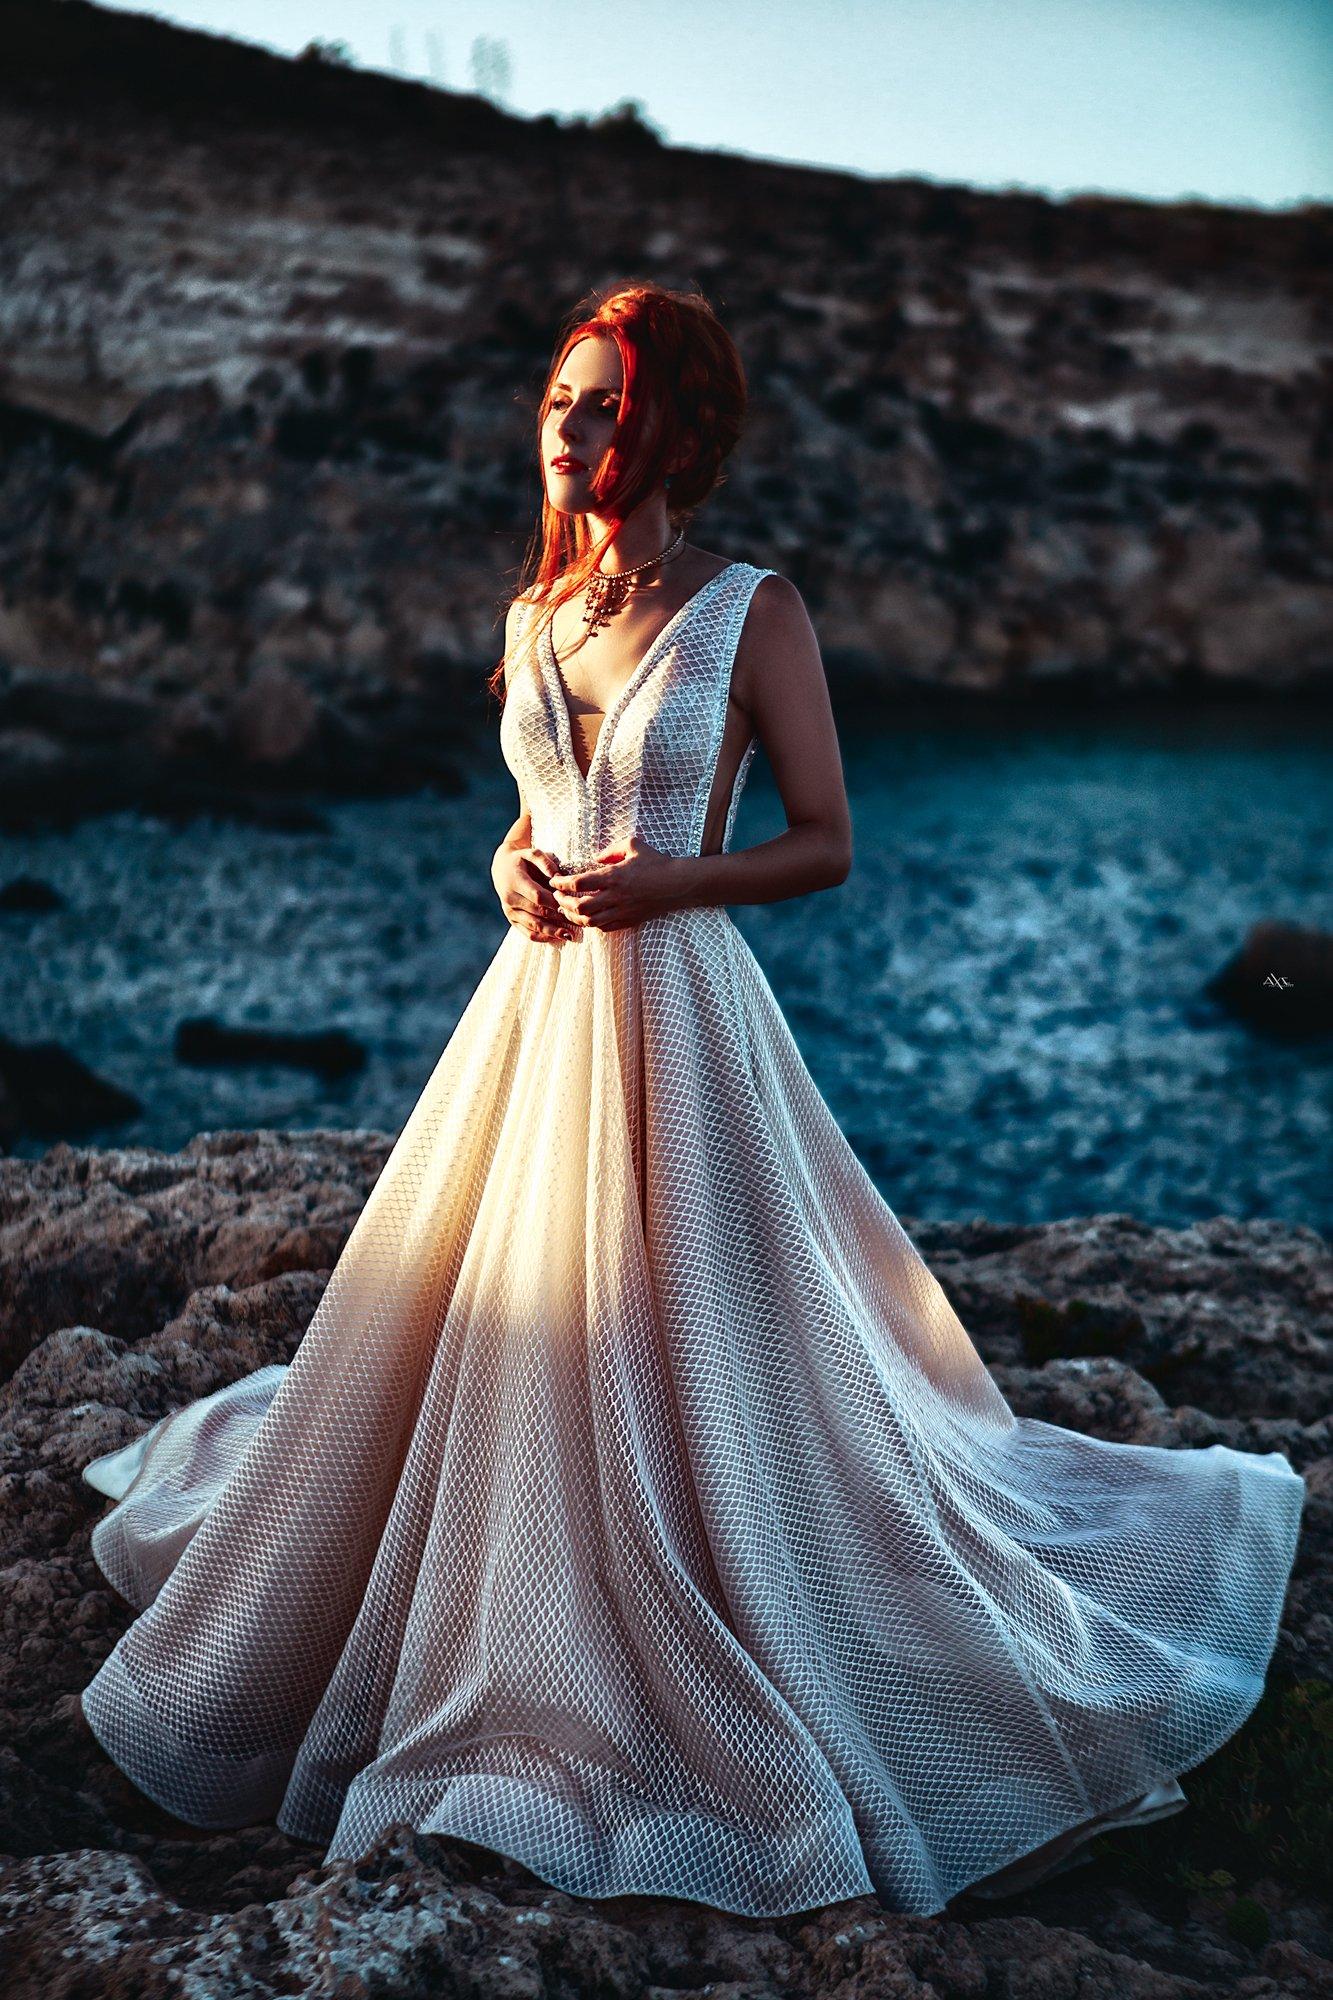 woman, art, portrait, fashion, beauty, wedding, dress, Руслан Болгов (Axe)